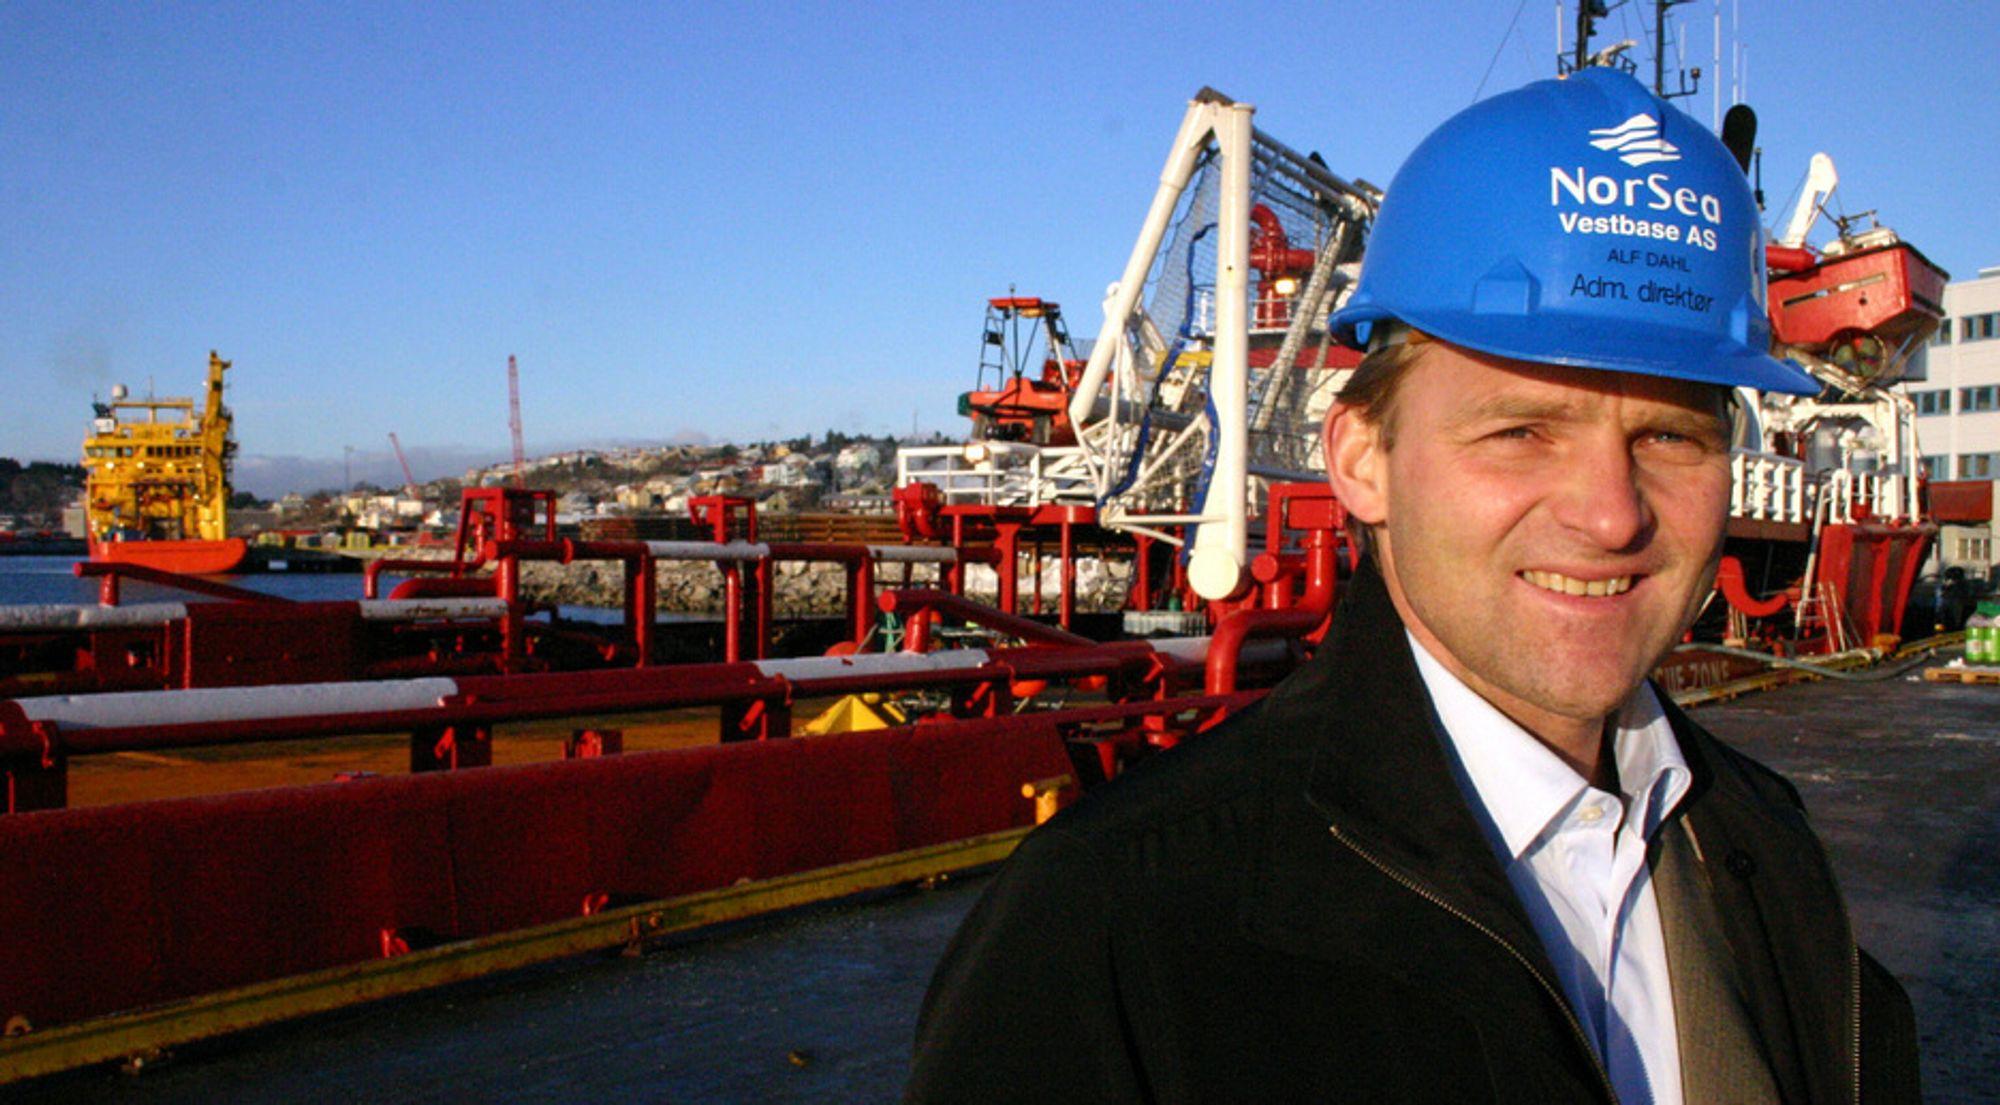 Oljebasen Vestbase i Kristiansund har vokst fra 125 til 750 ansatte de ti siste årene.  Men administrerende direktør Alf Dahl på Vestbase vil trolig møte konkurranse om den siste tomta som nå er til salgs.